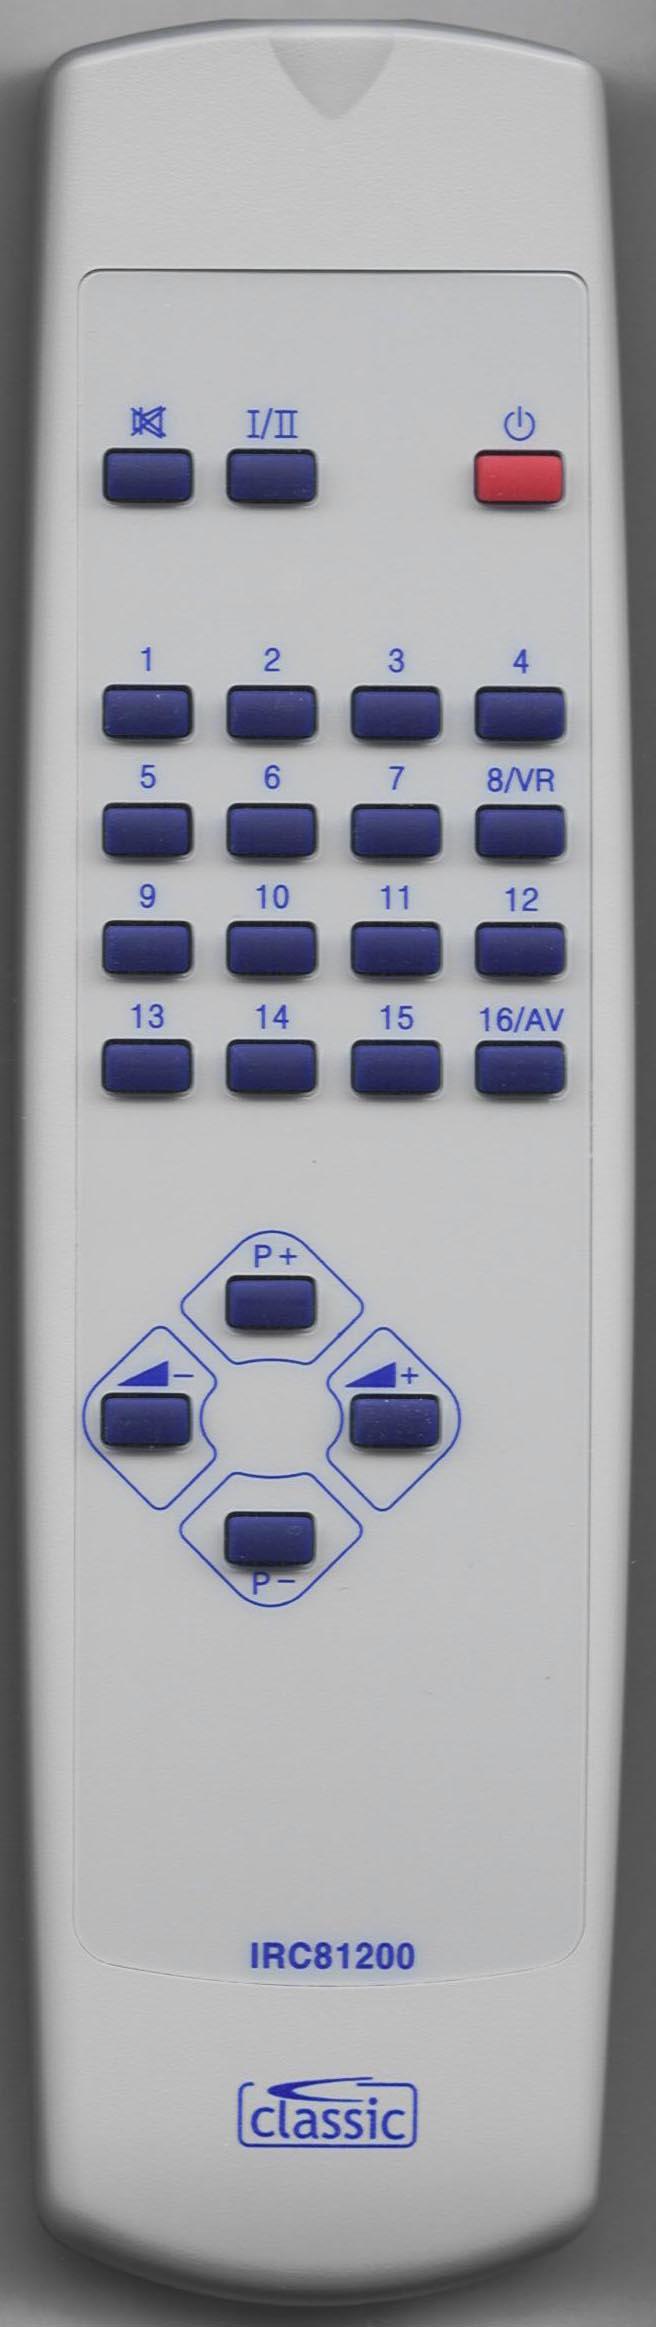 ORION 1810-0381 Remote Control